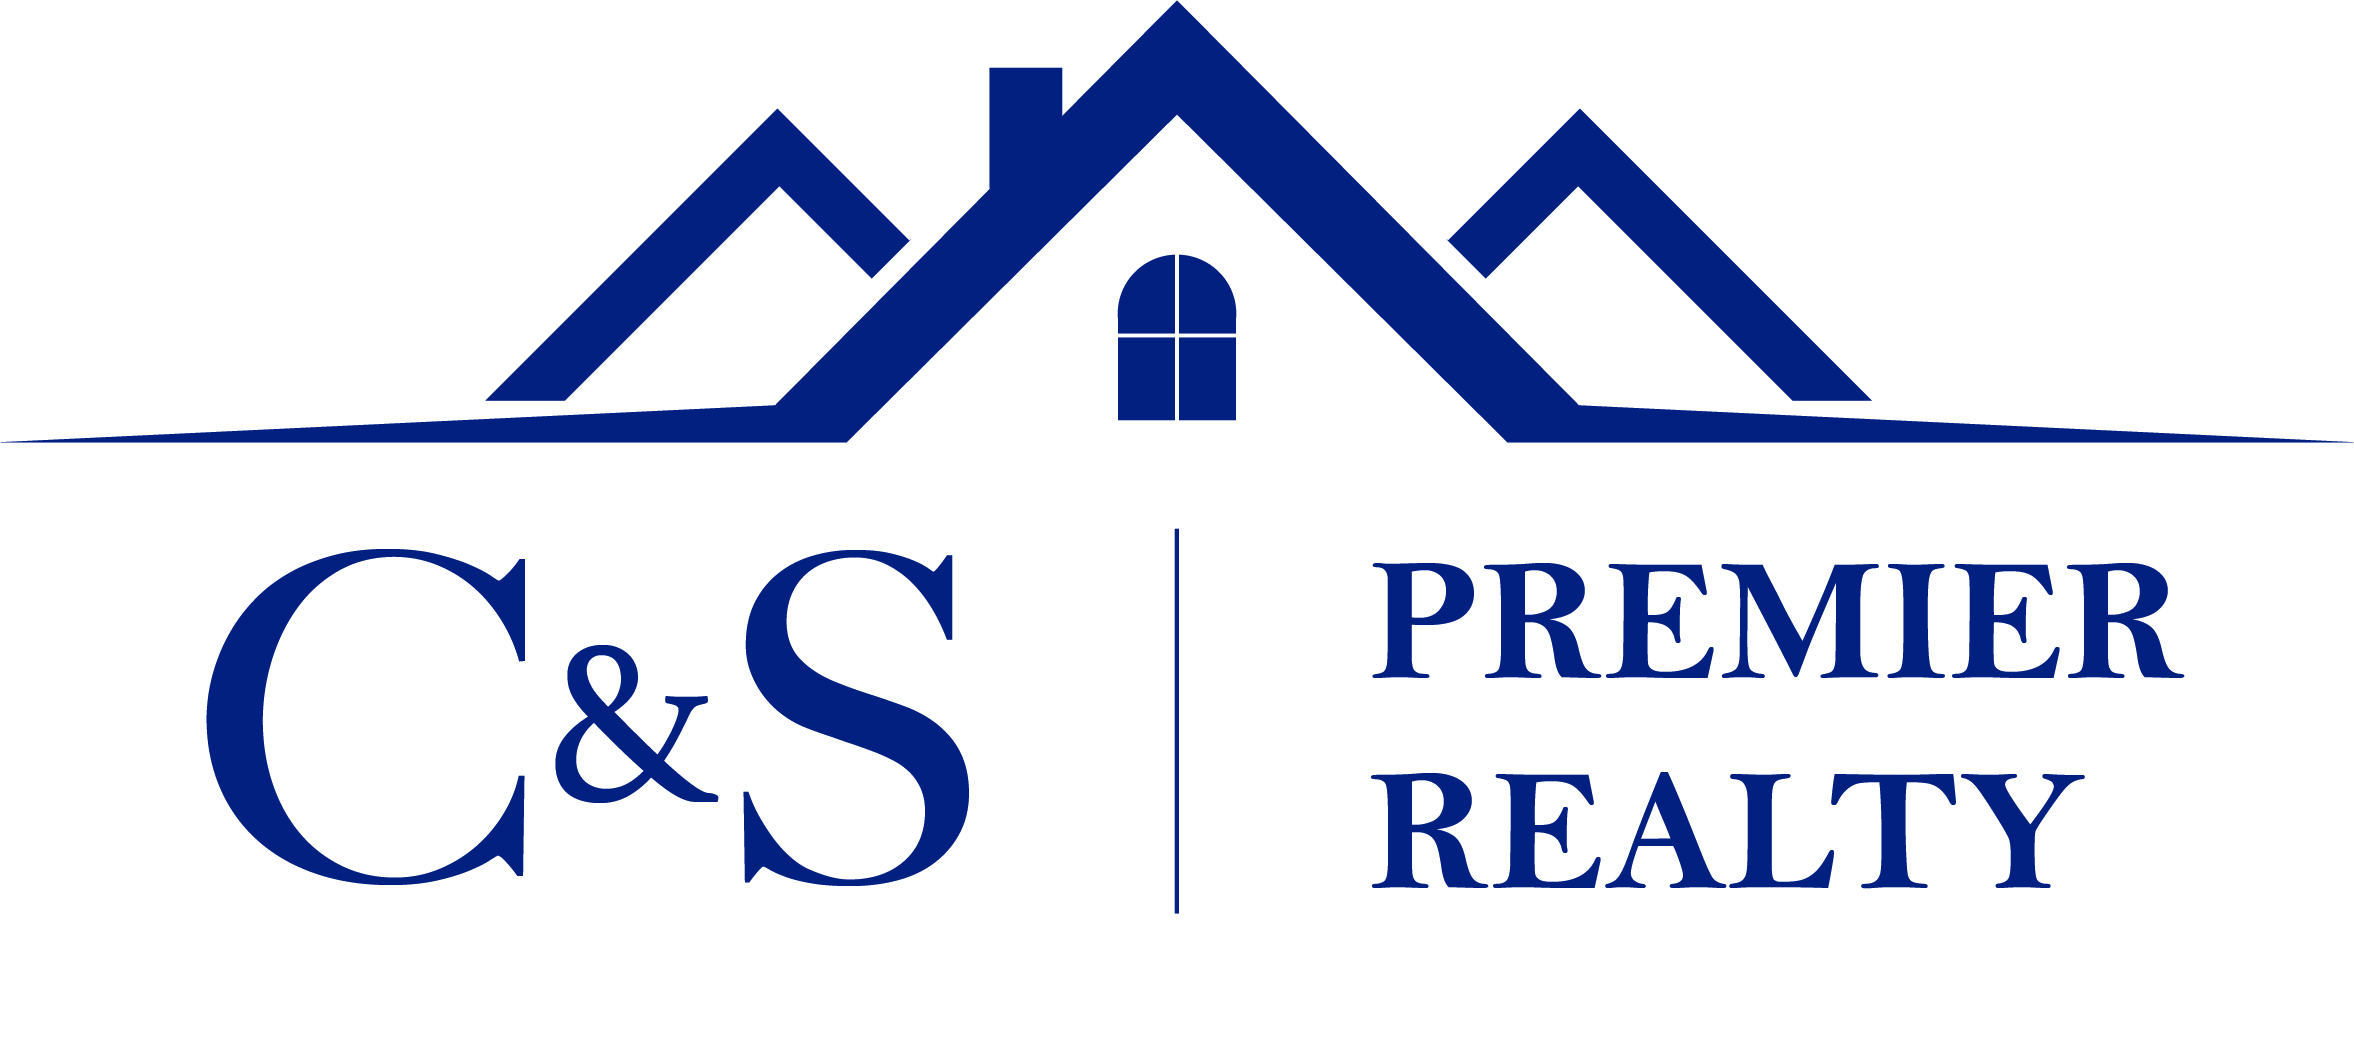 C & S Premier Realty